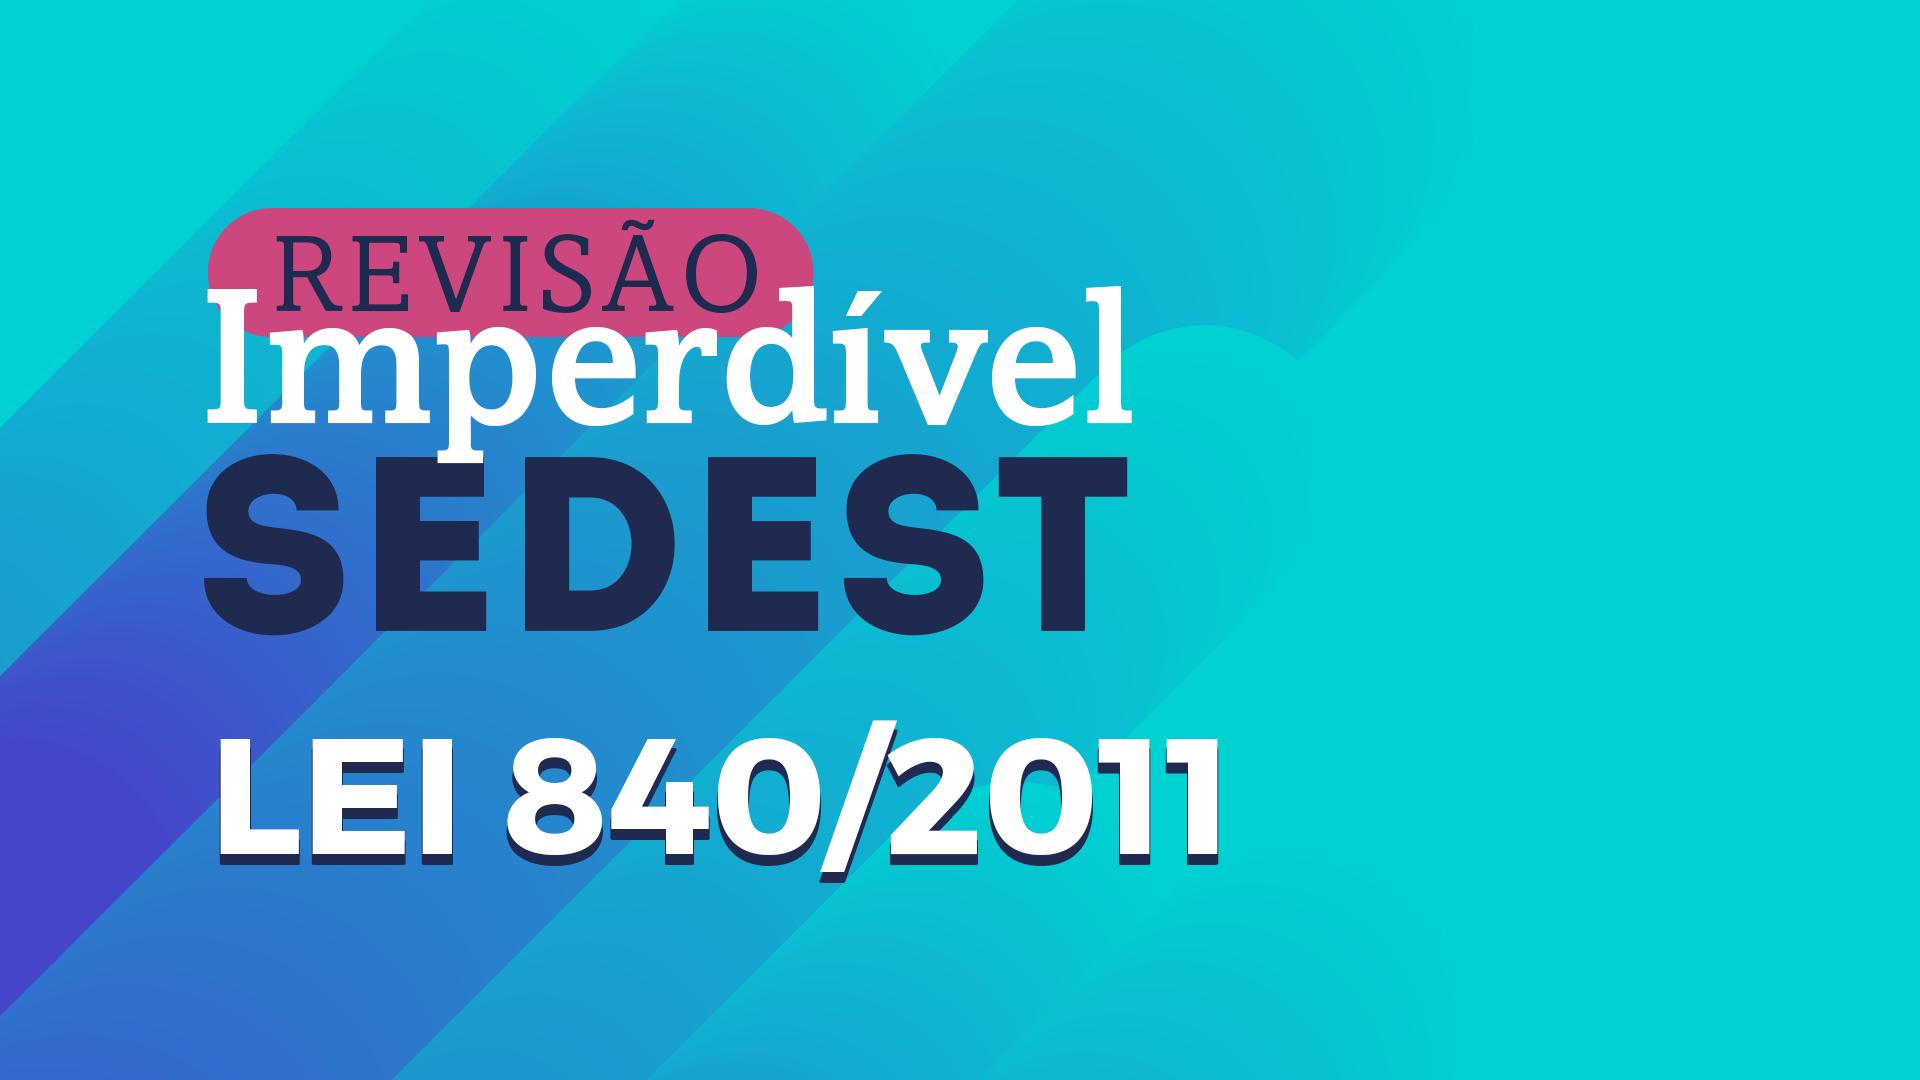 Revisão Imperdível Sedest | Lei 840/11 - Ricardo Blanco